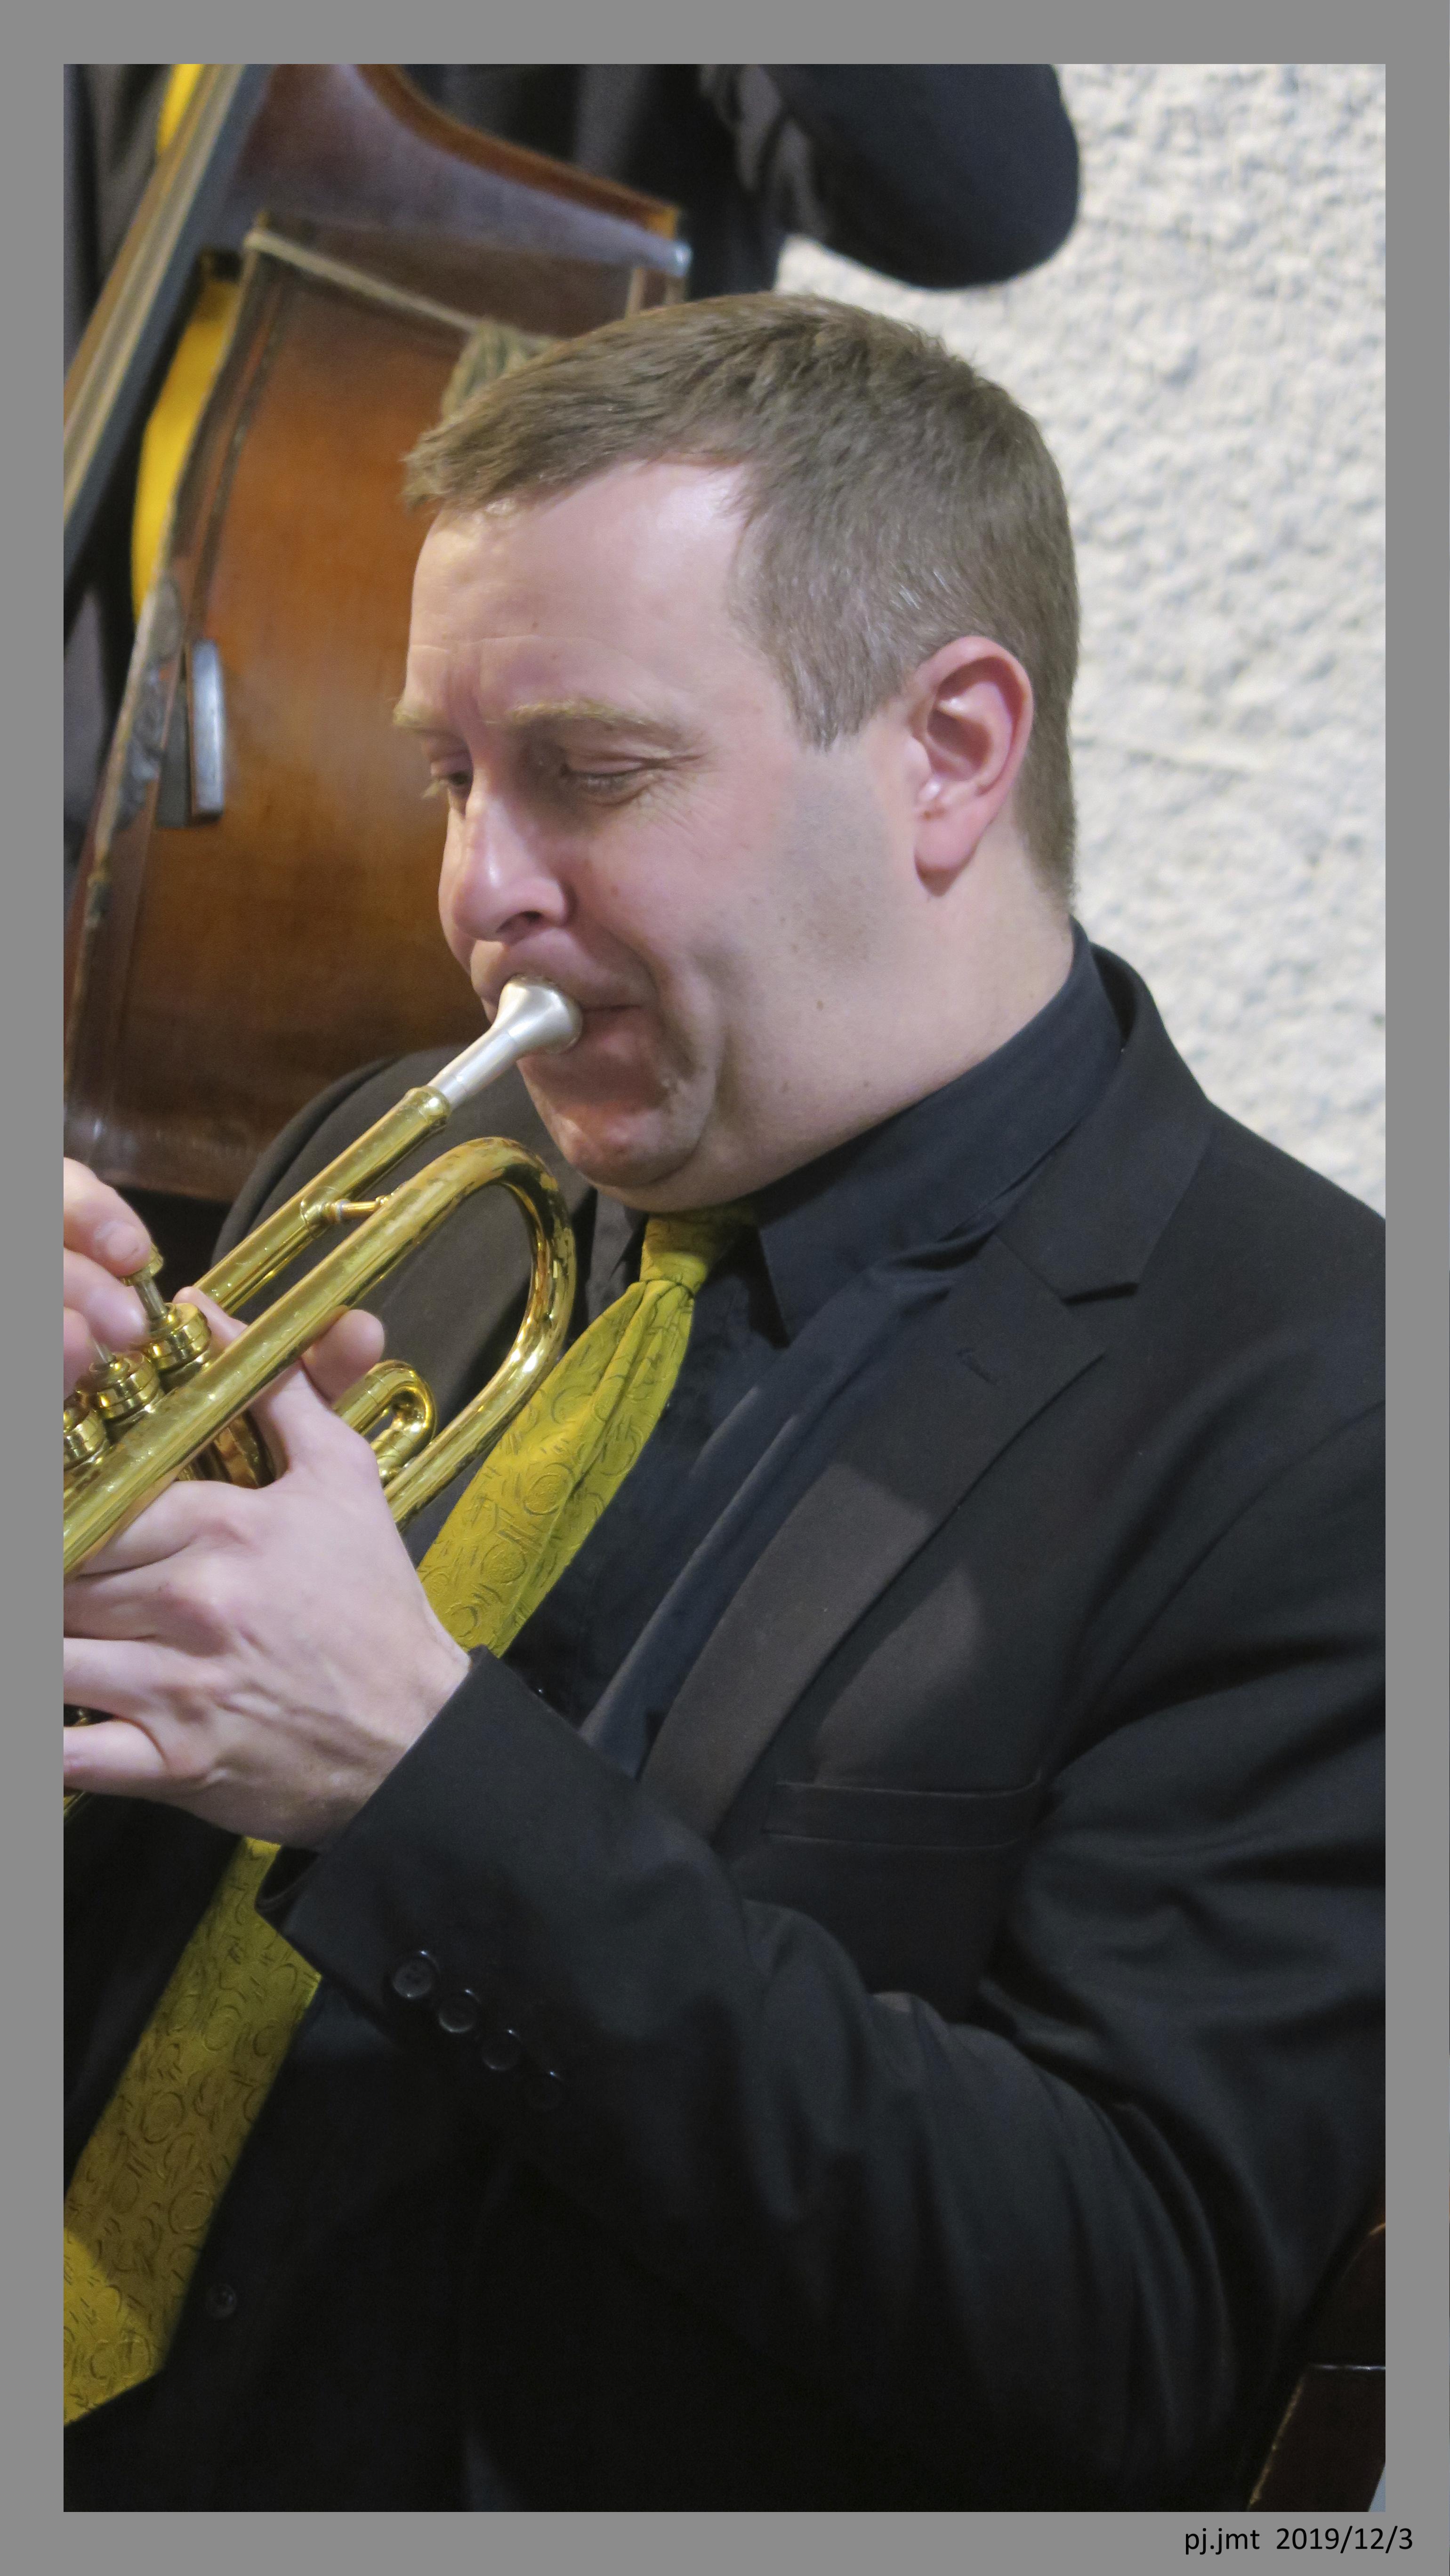 Julien Ecrepont